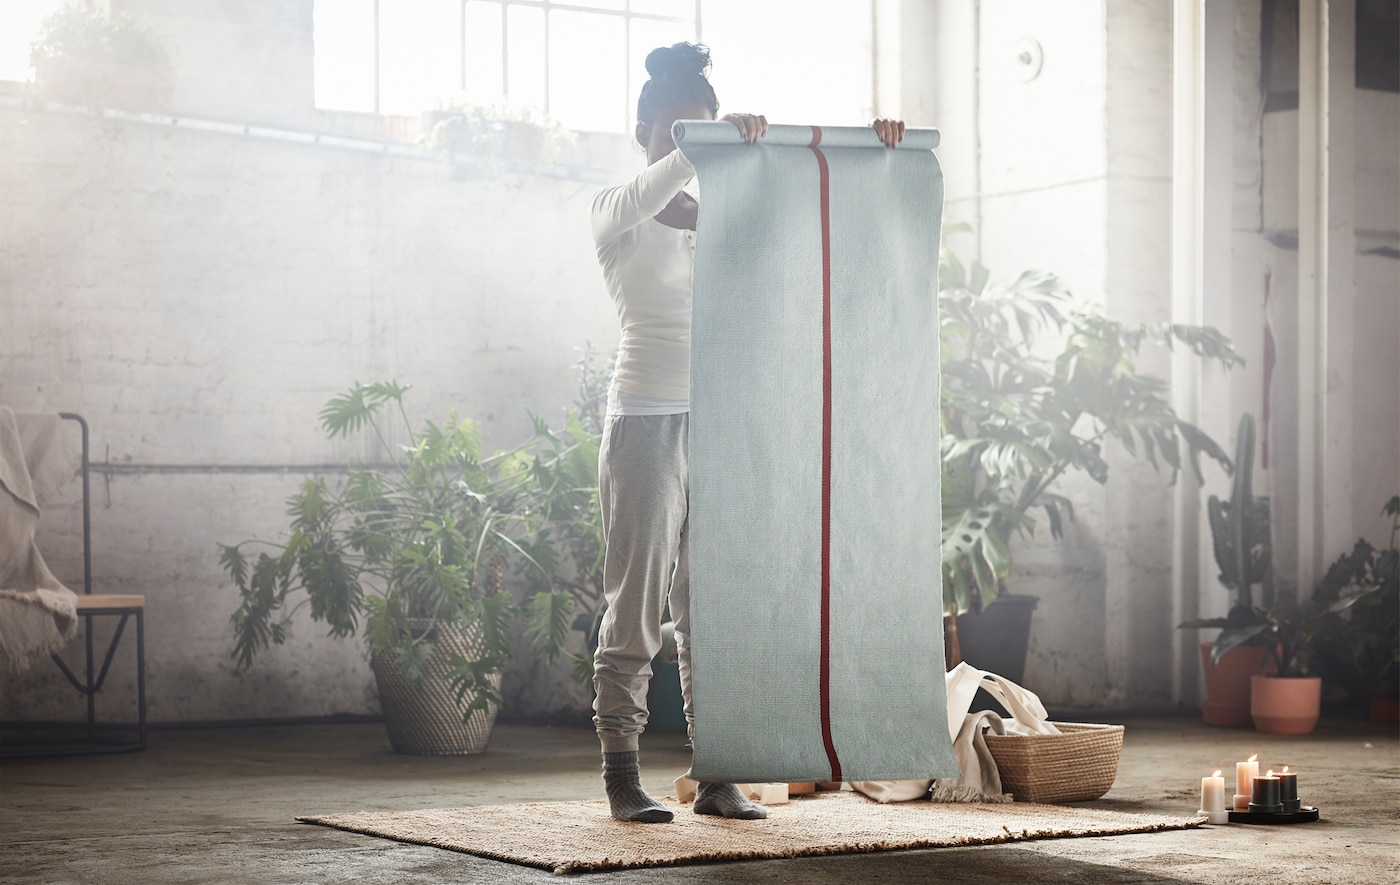 Eine Frau steht umringt von Zimmerpflanzen mit einer Yogamatte in den Händen in einem Lagerhaus.